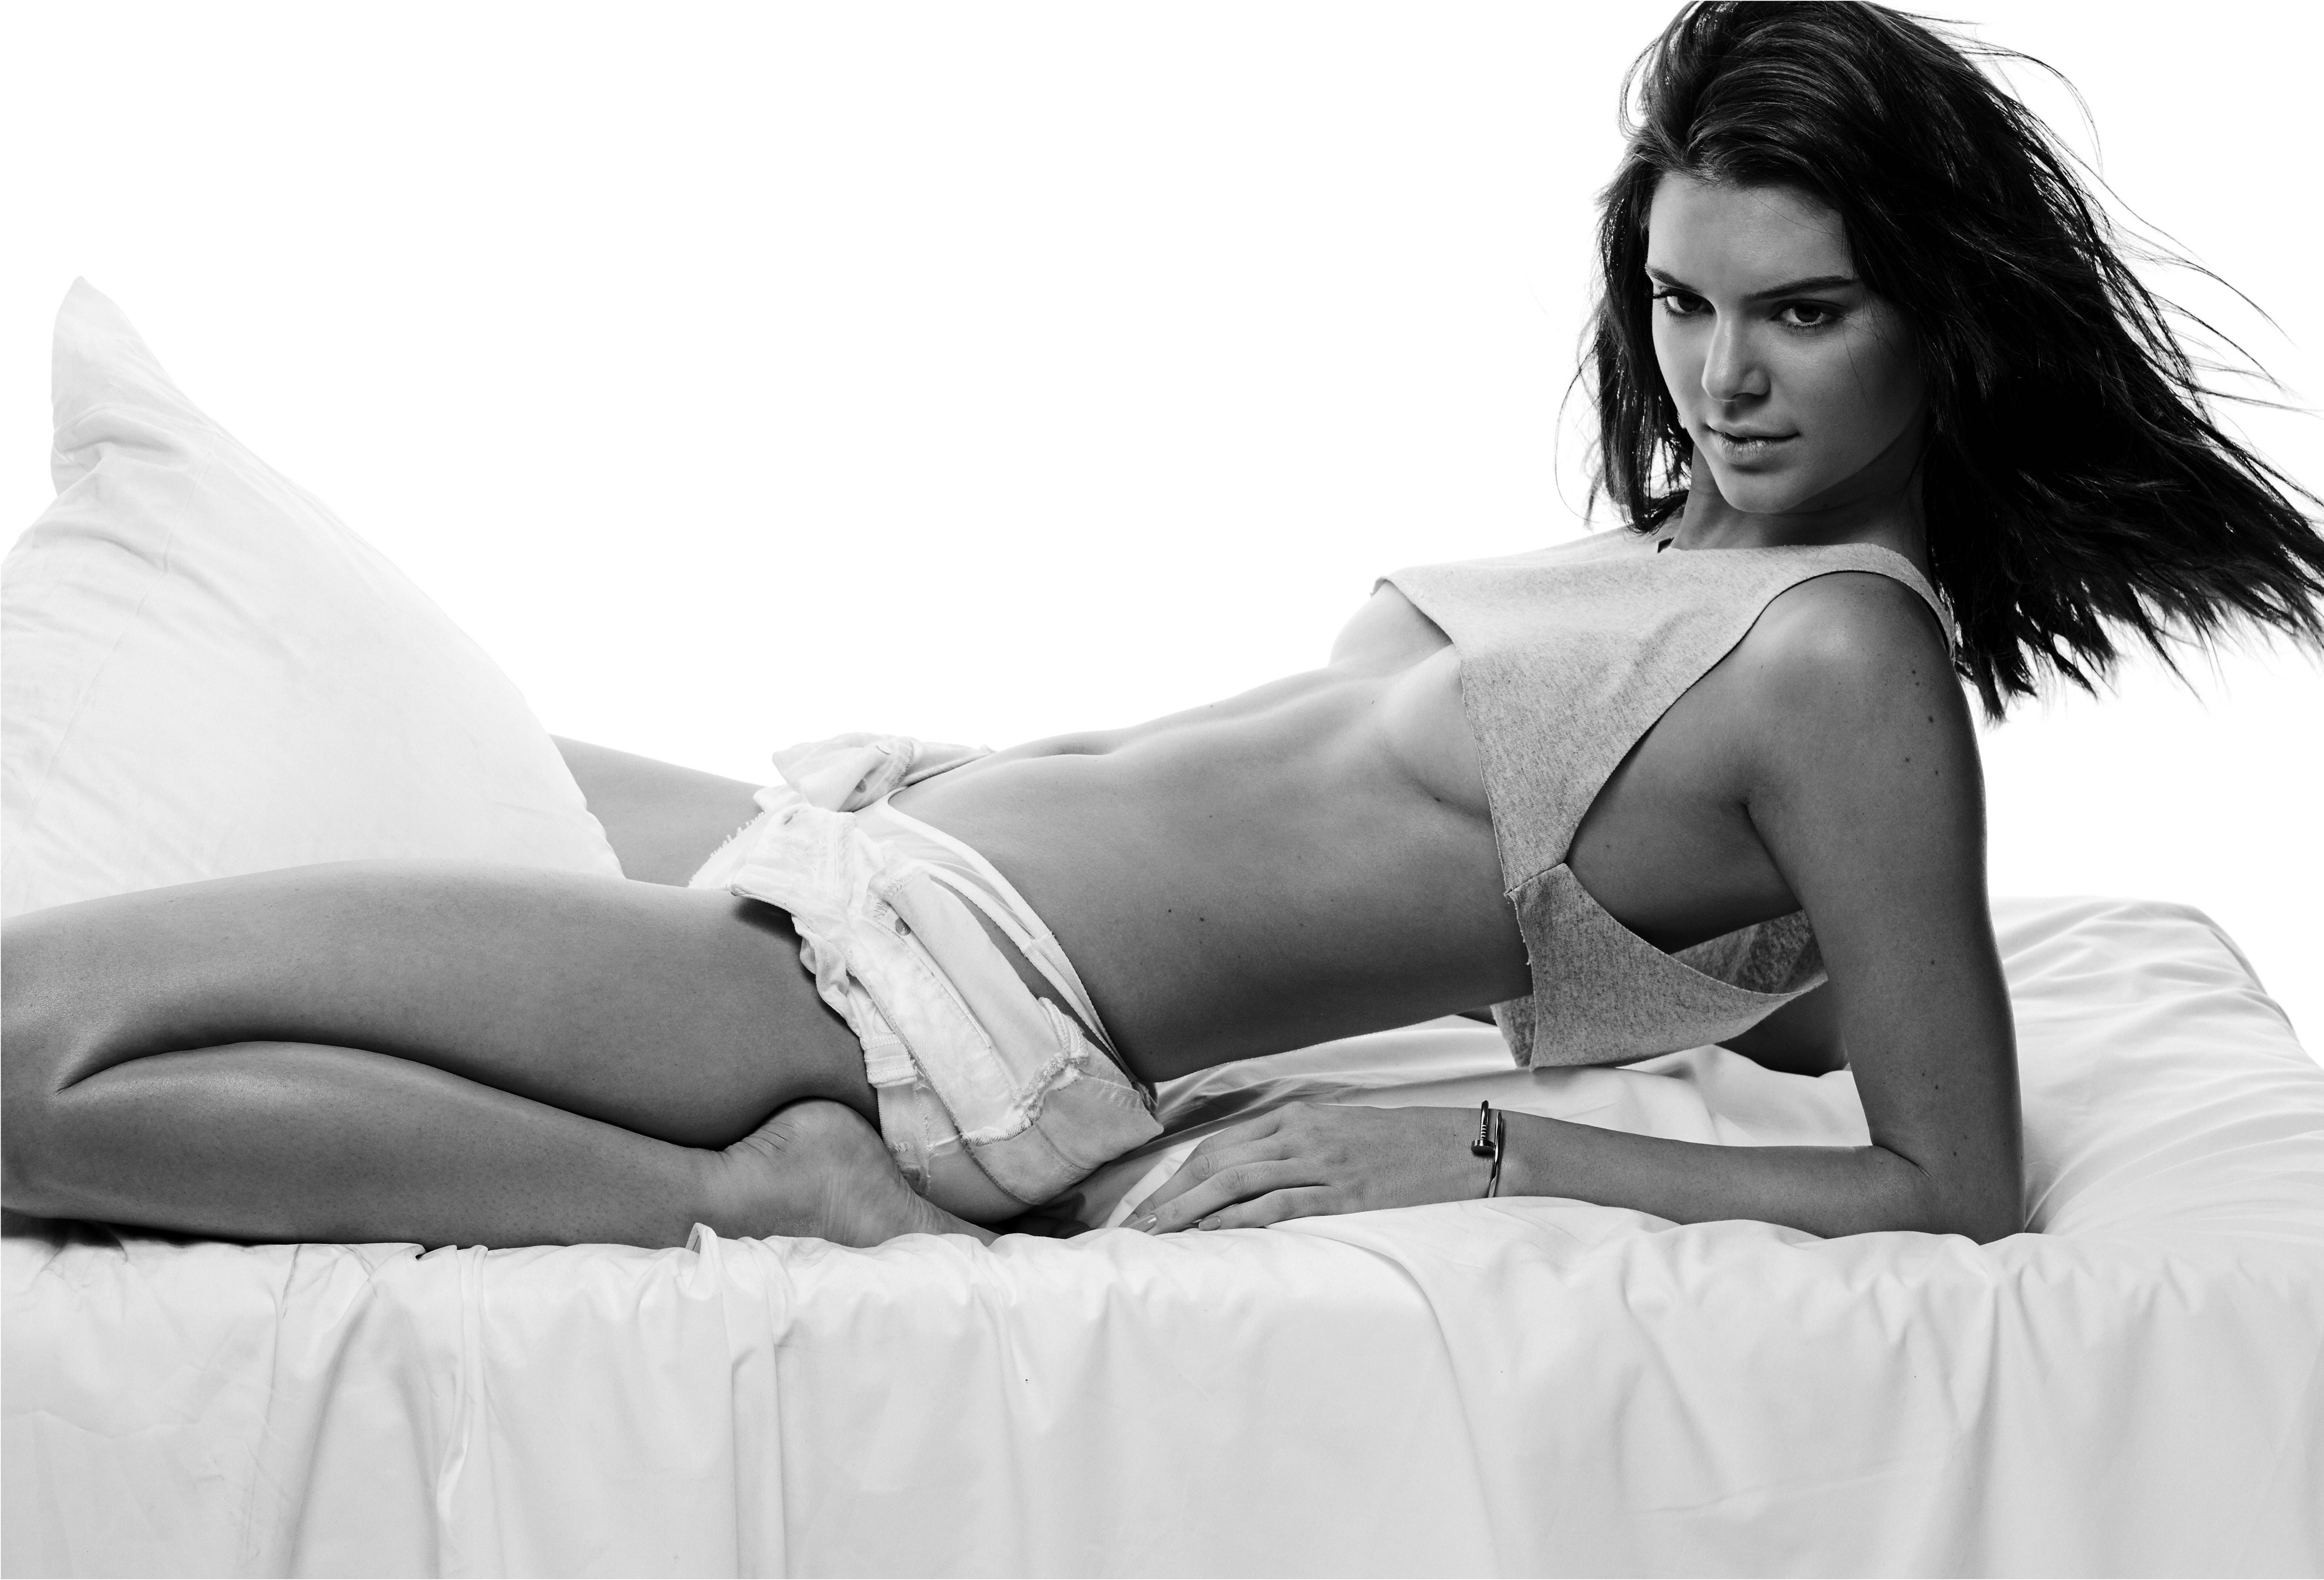 Kendall Jenner For Desktop Background